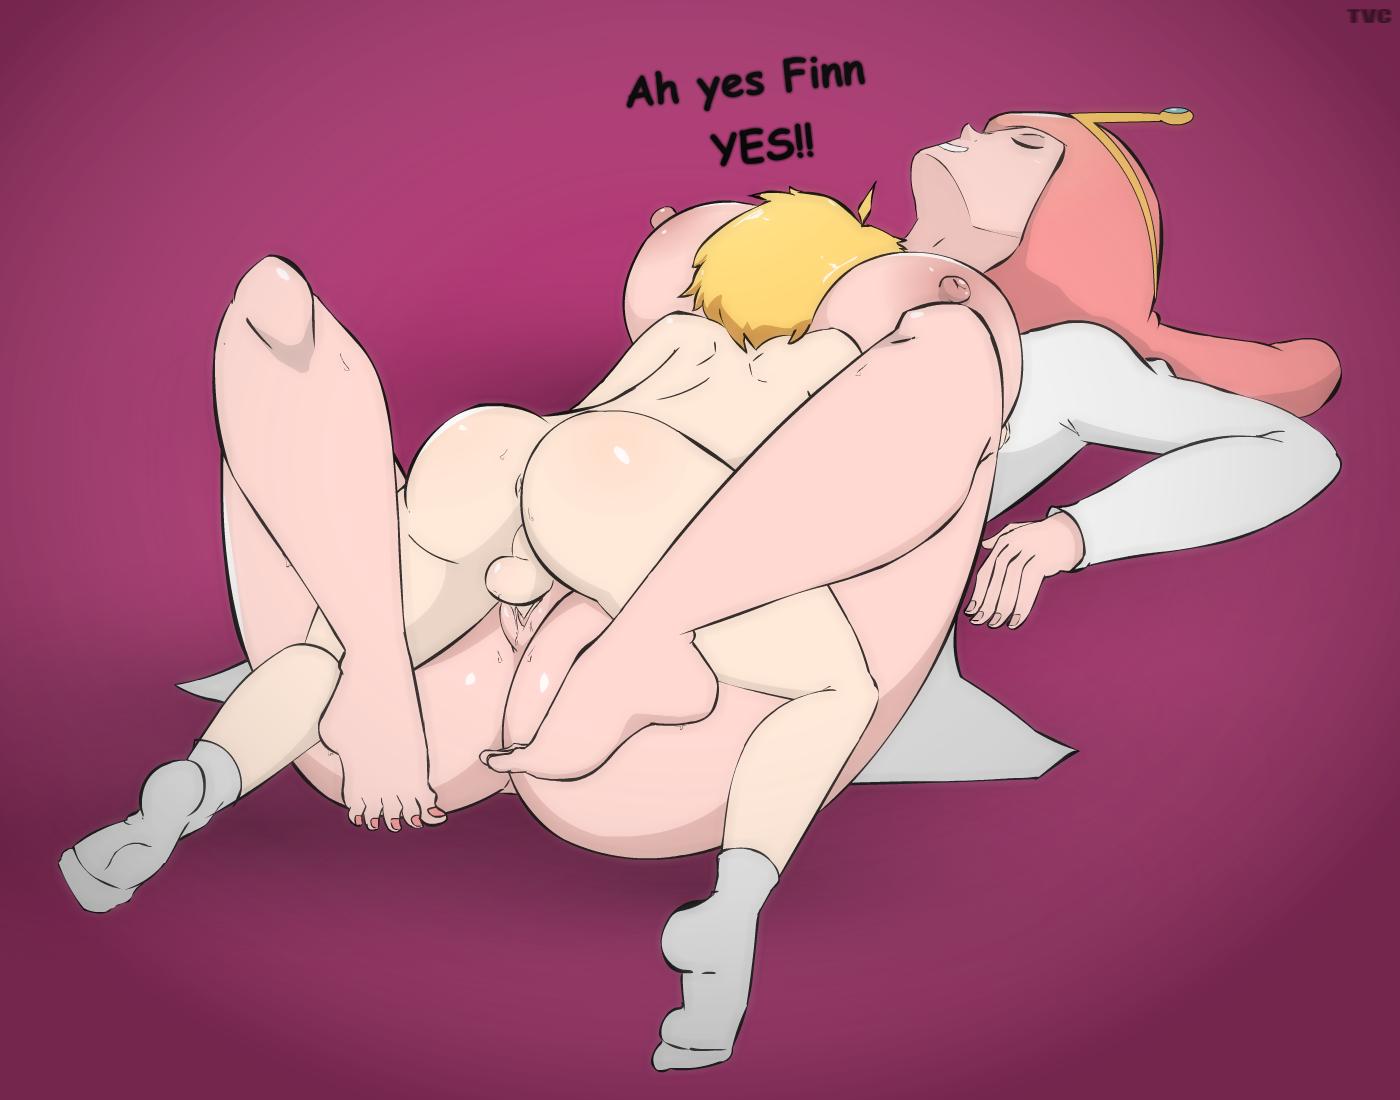 bubblegum and finn part 2